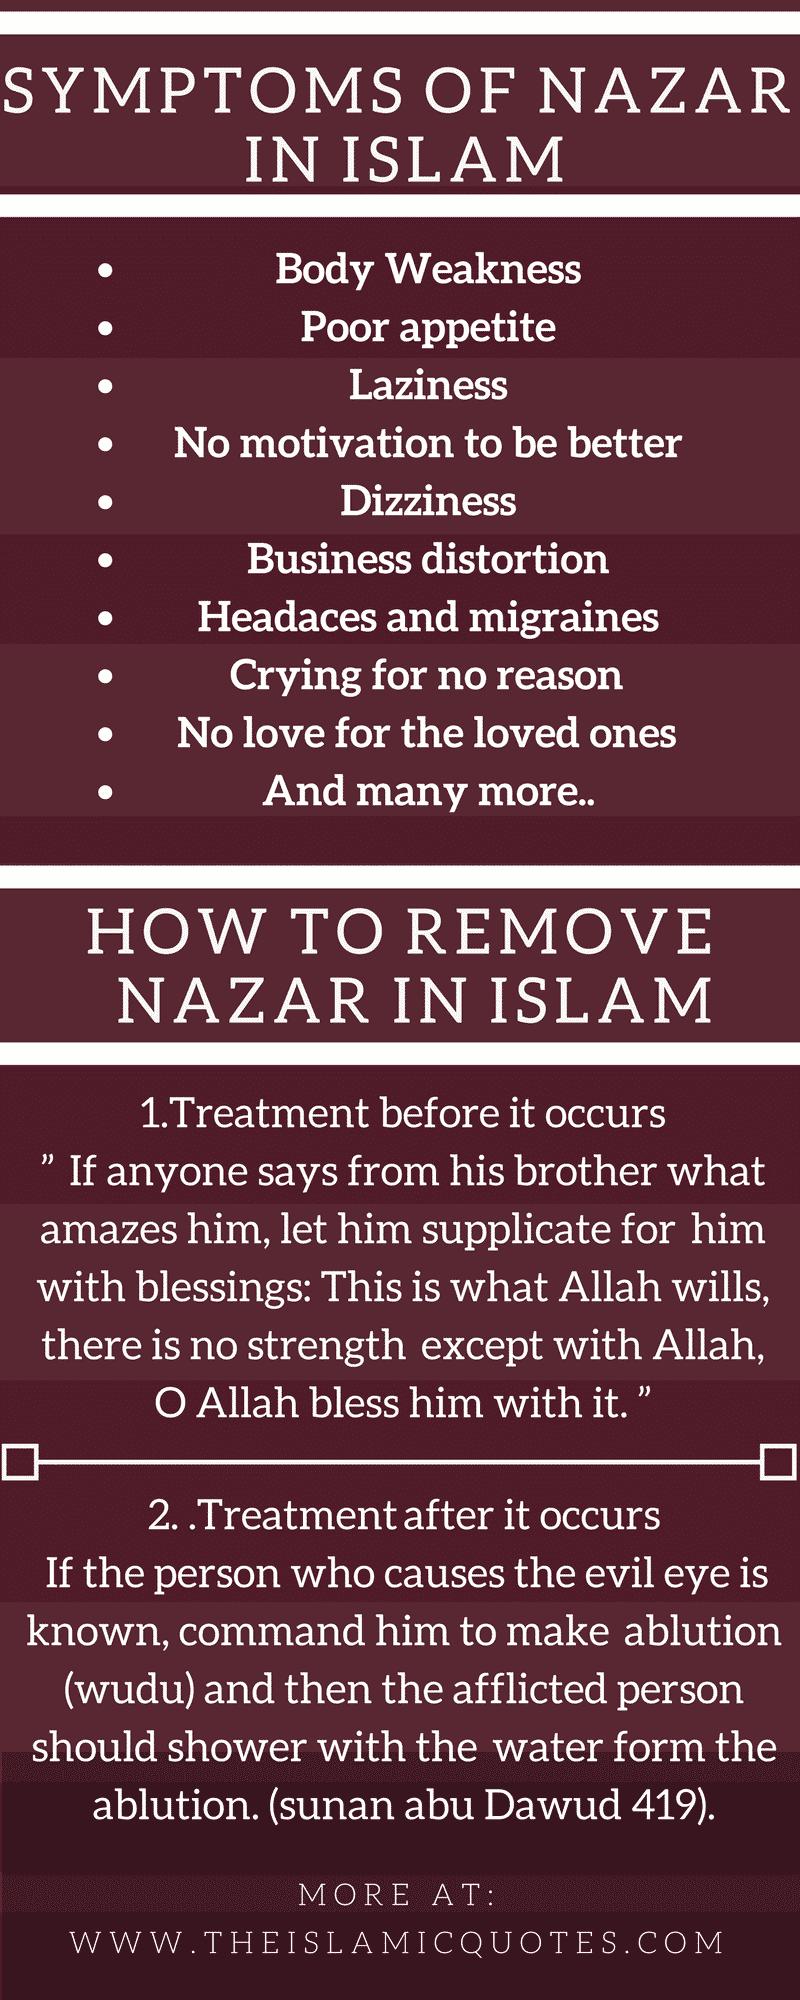 Symptoms Of Evil Eye In Islam How To Remove Nazar In Islam